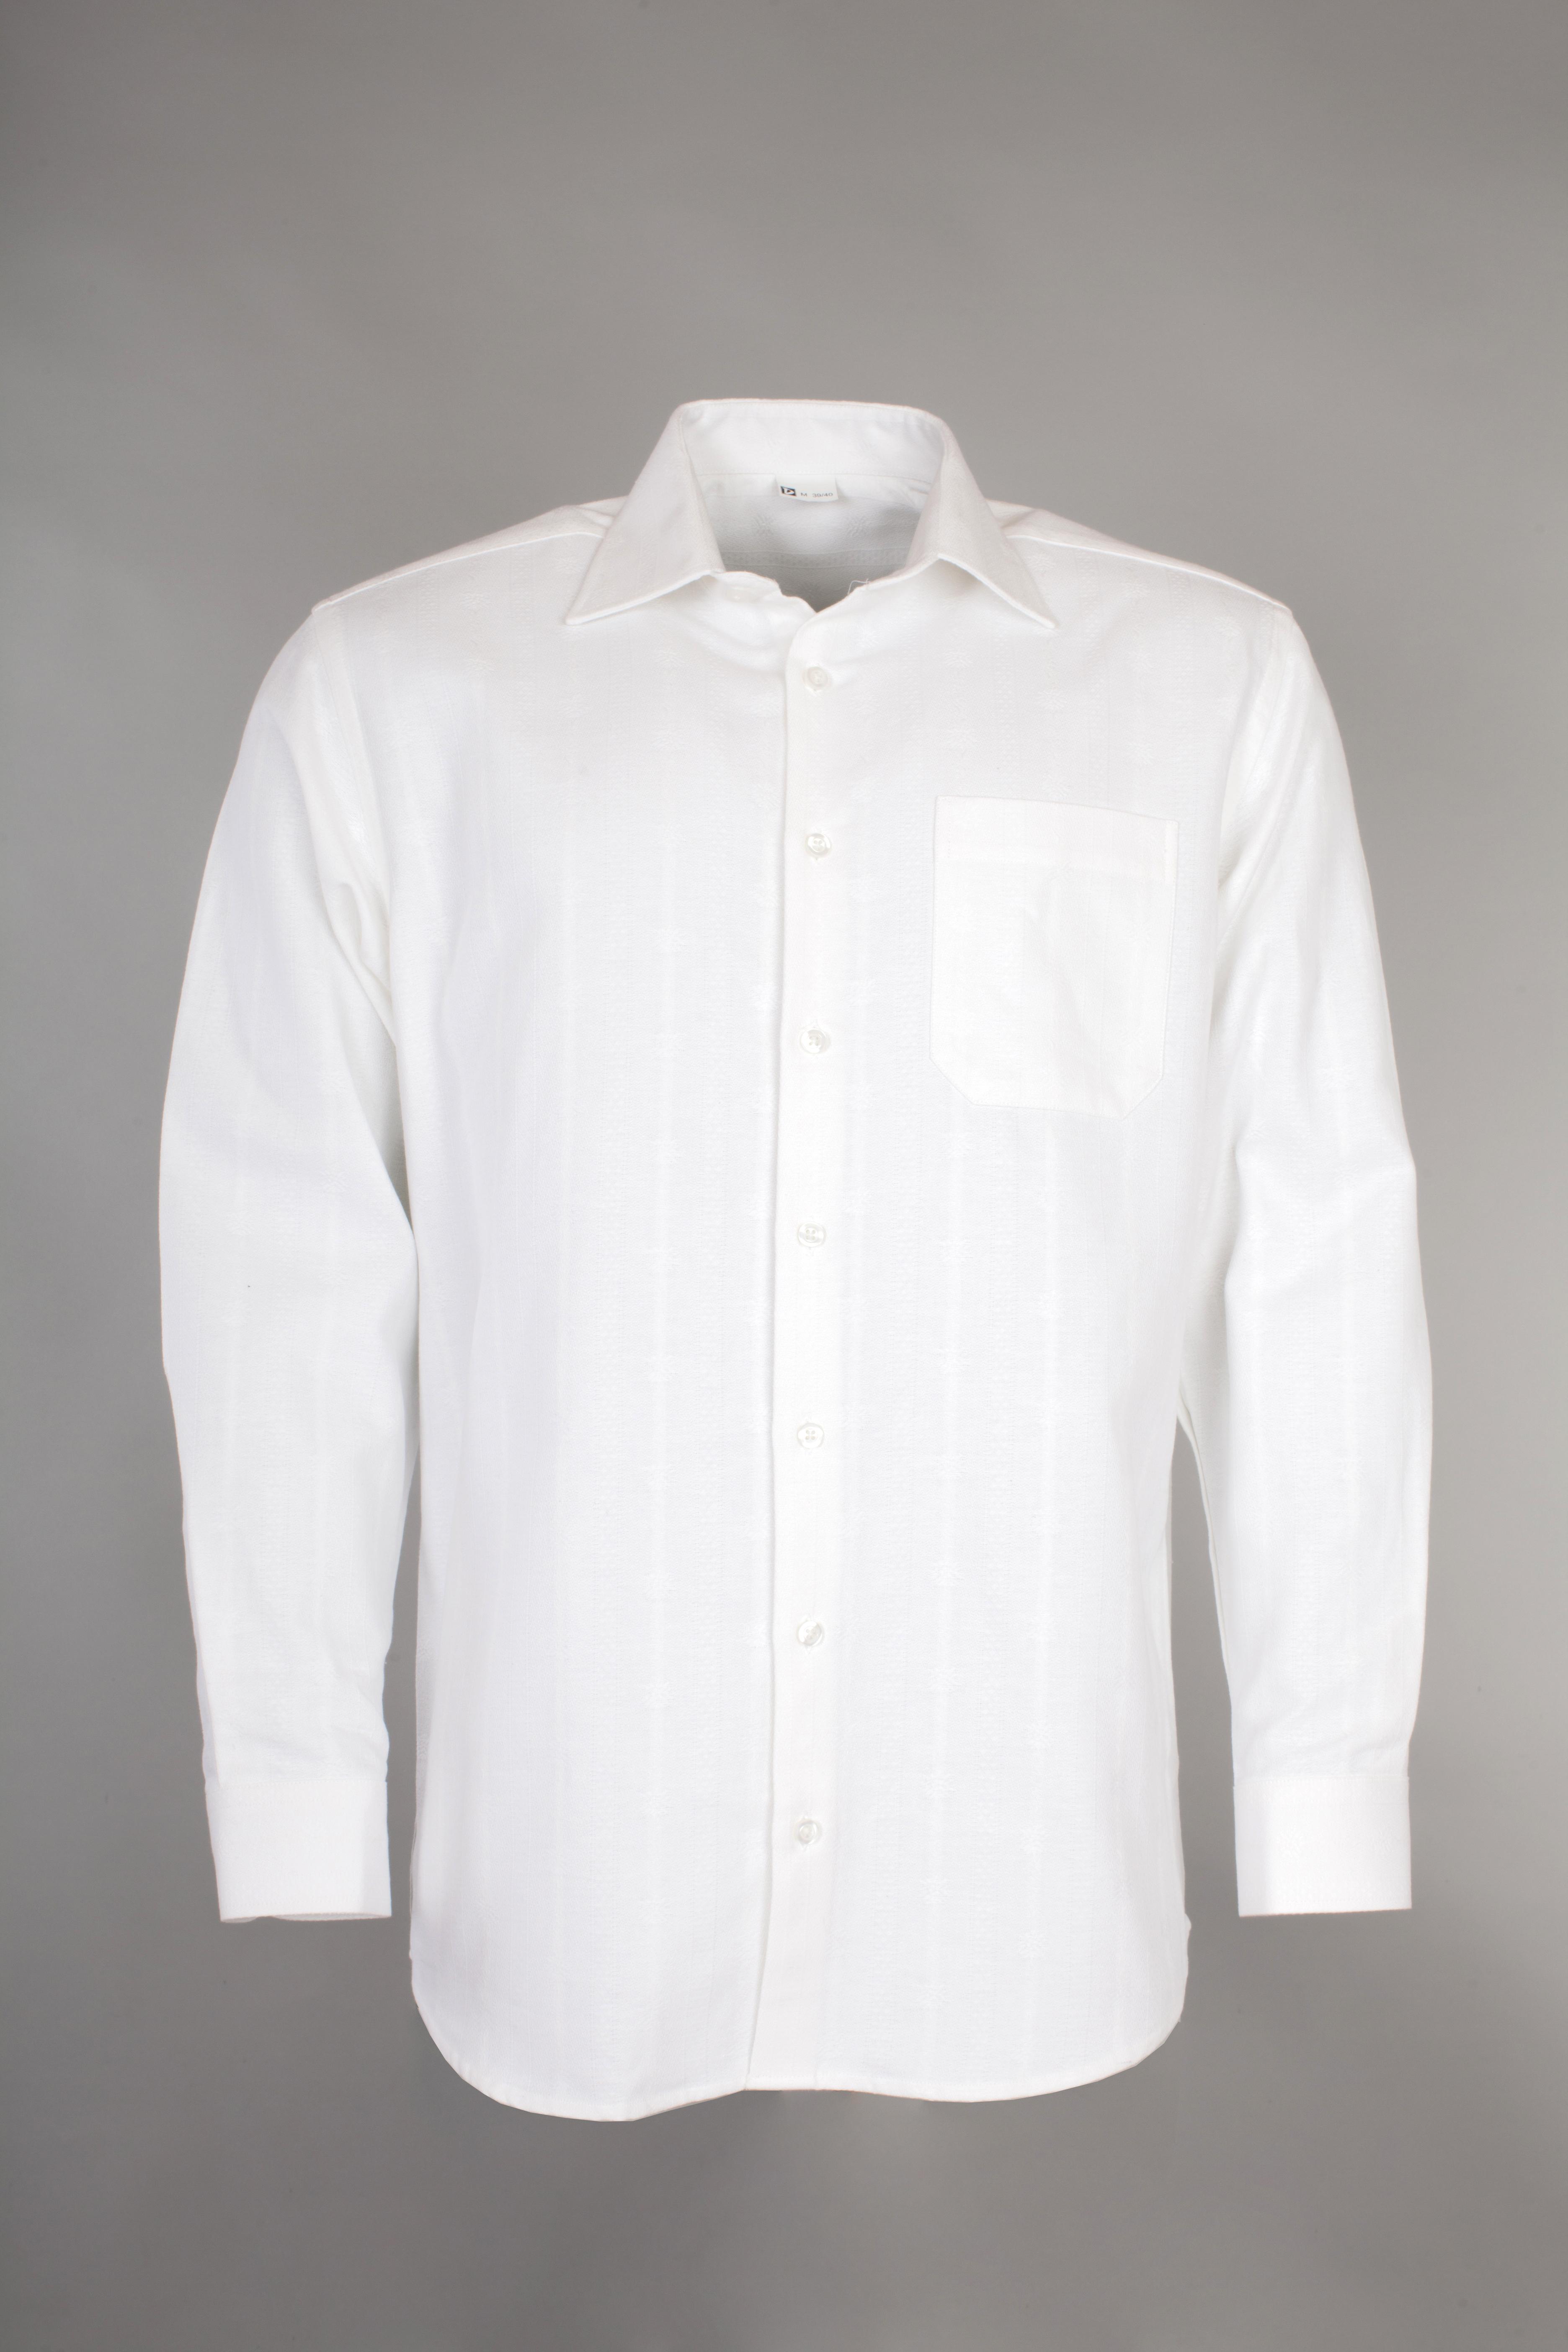 dobler willisau ag edelweiss hemd mit kragen langarm. Black Bedroom Furniture Sets. Home Design Ideas